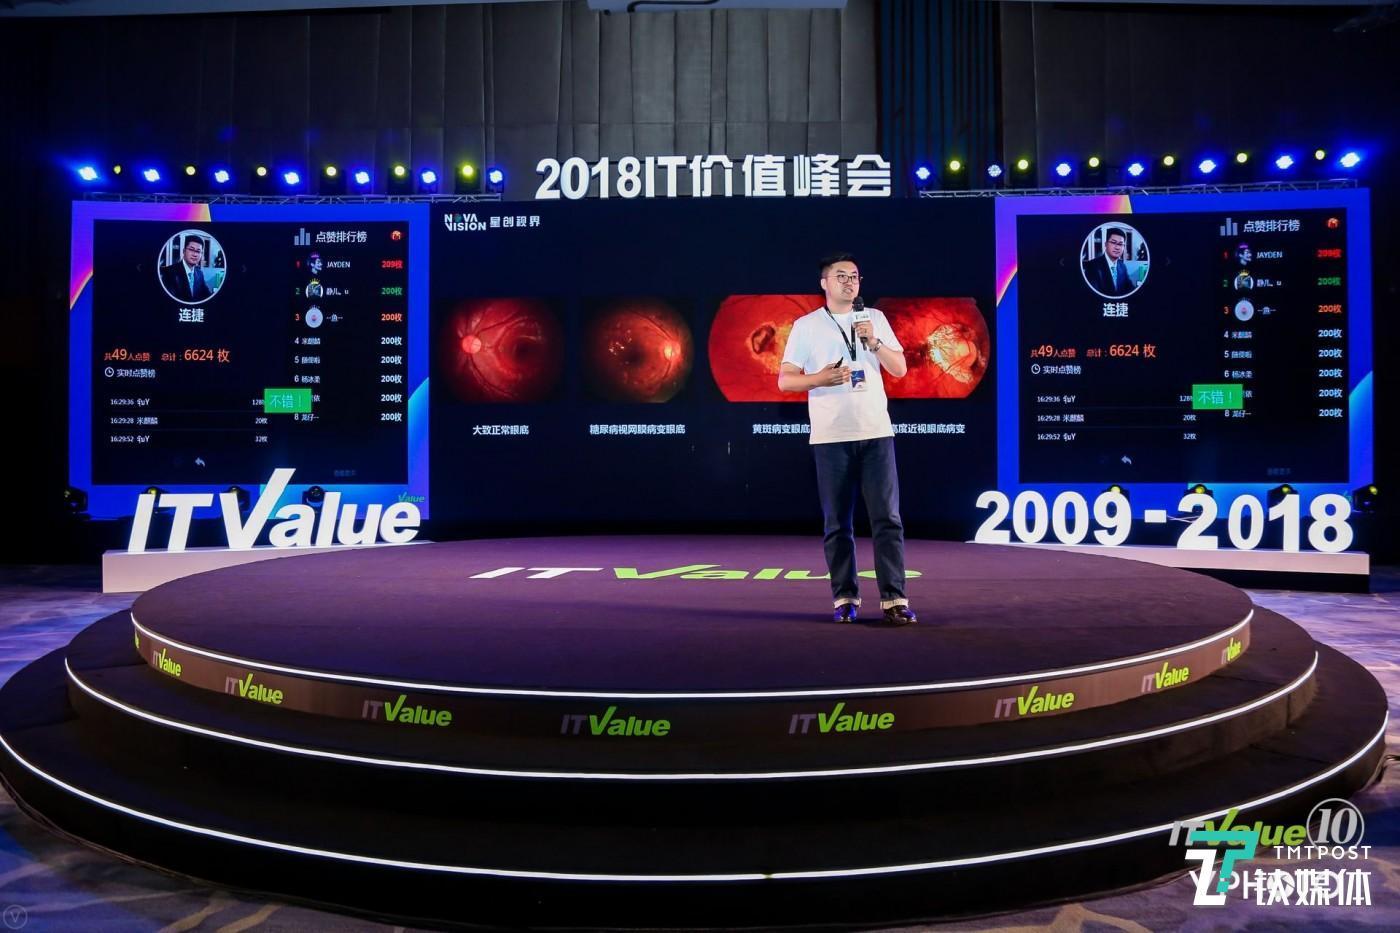 连捷在2018中国IT价值峰会发表主题演讲